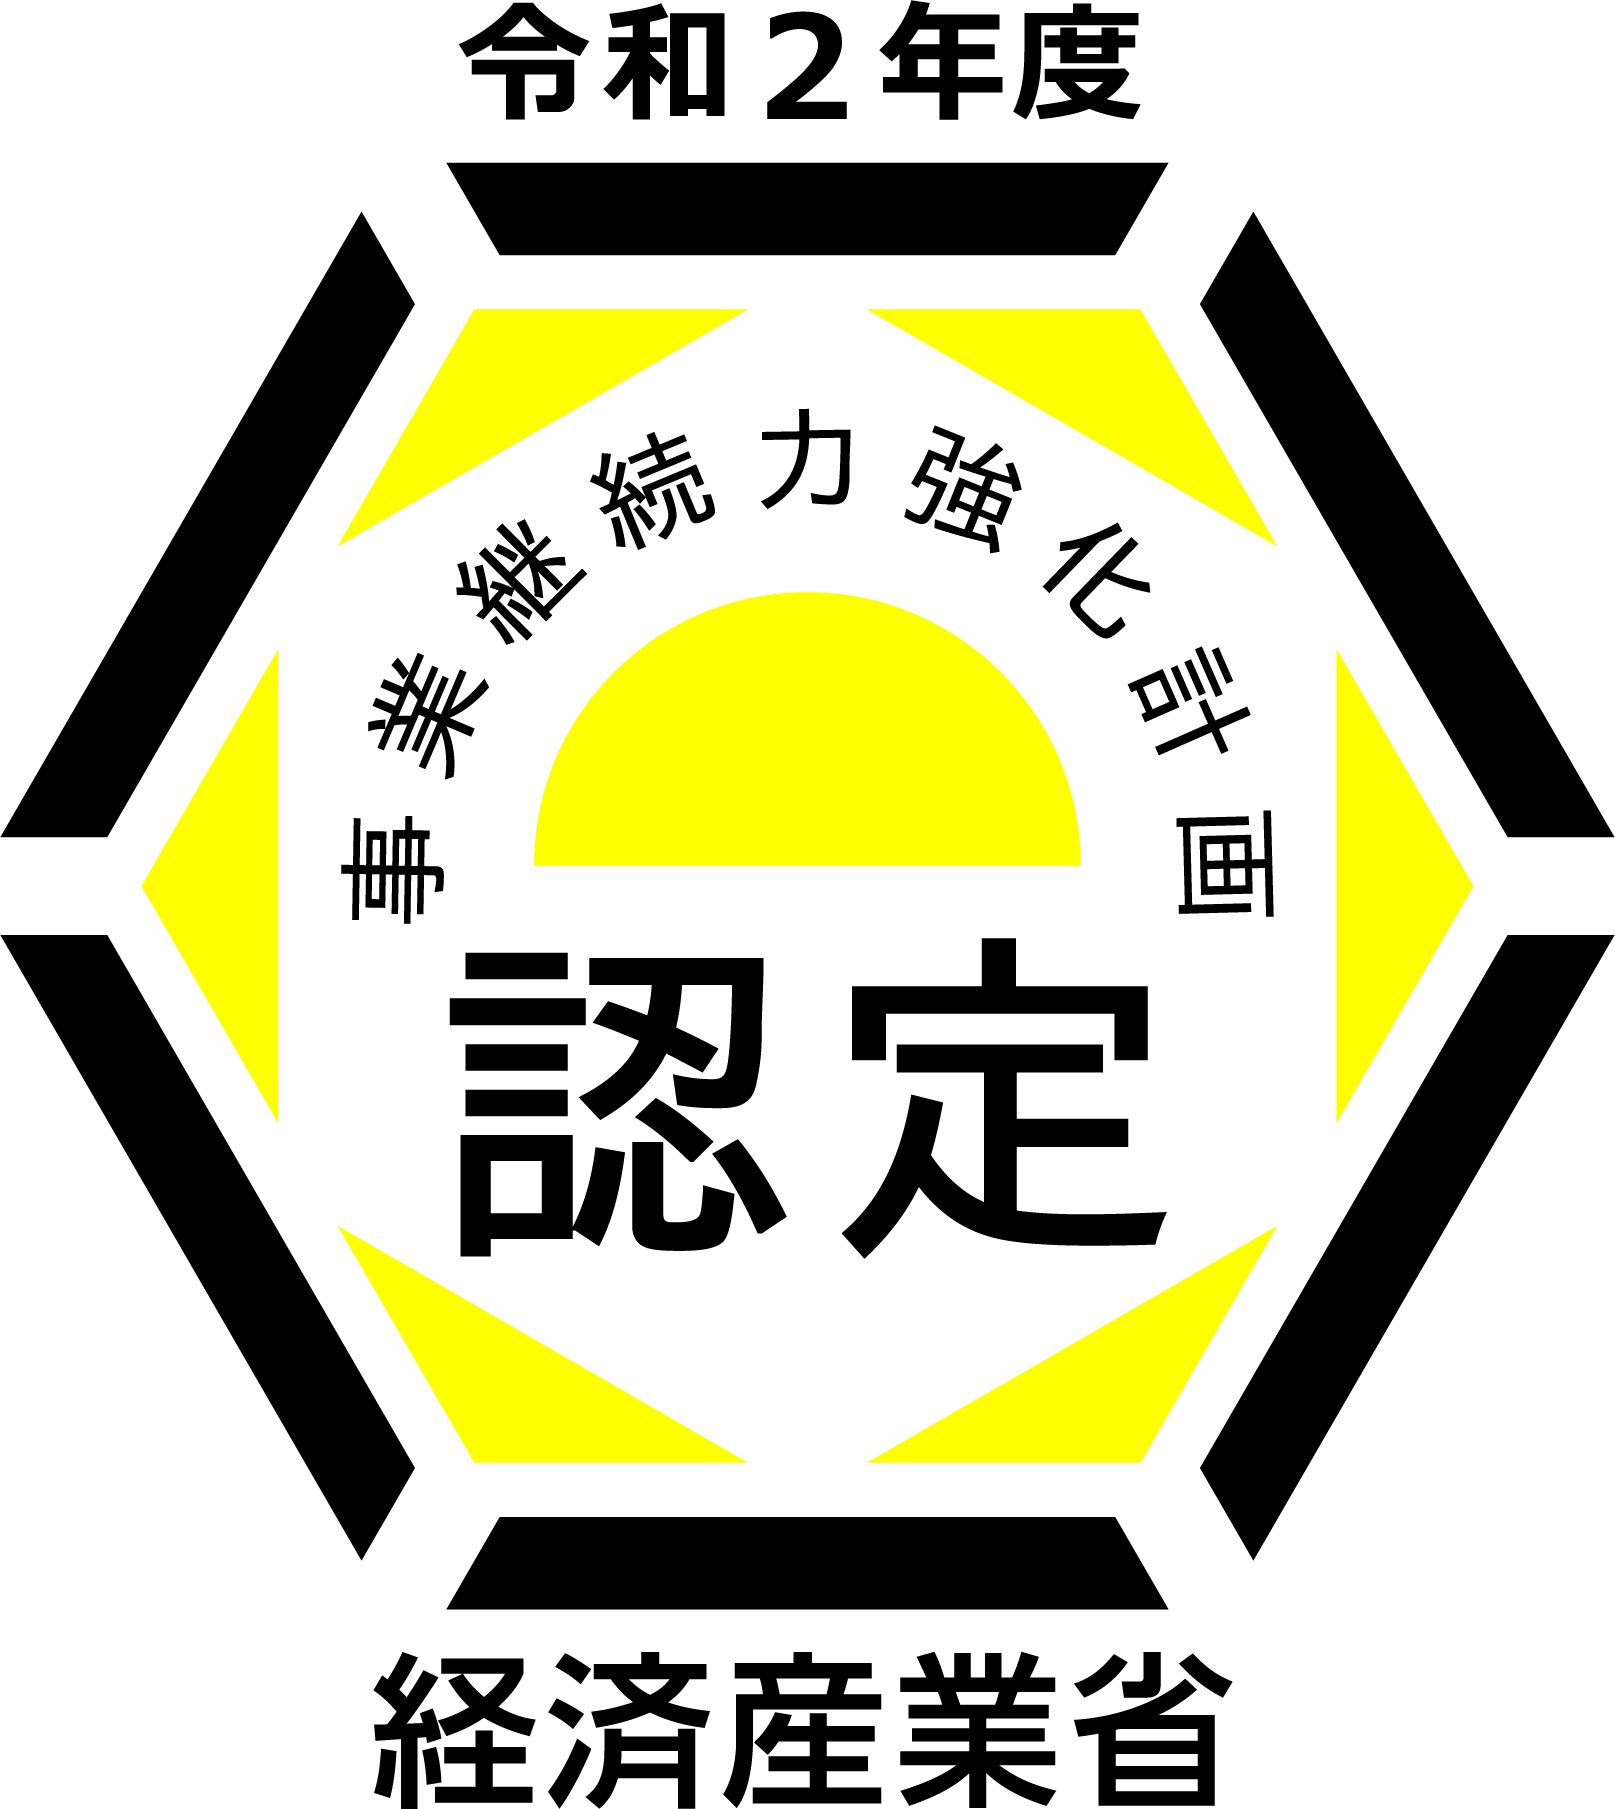 令和2年事業継続力強化計画認定ロゴマーク(山崎梱包)